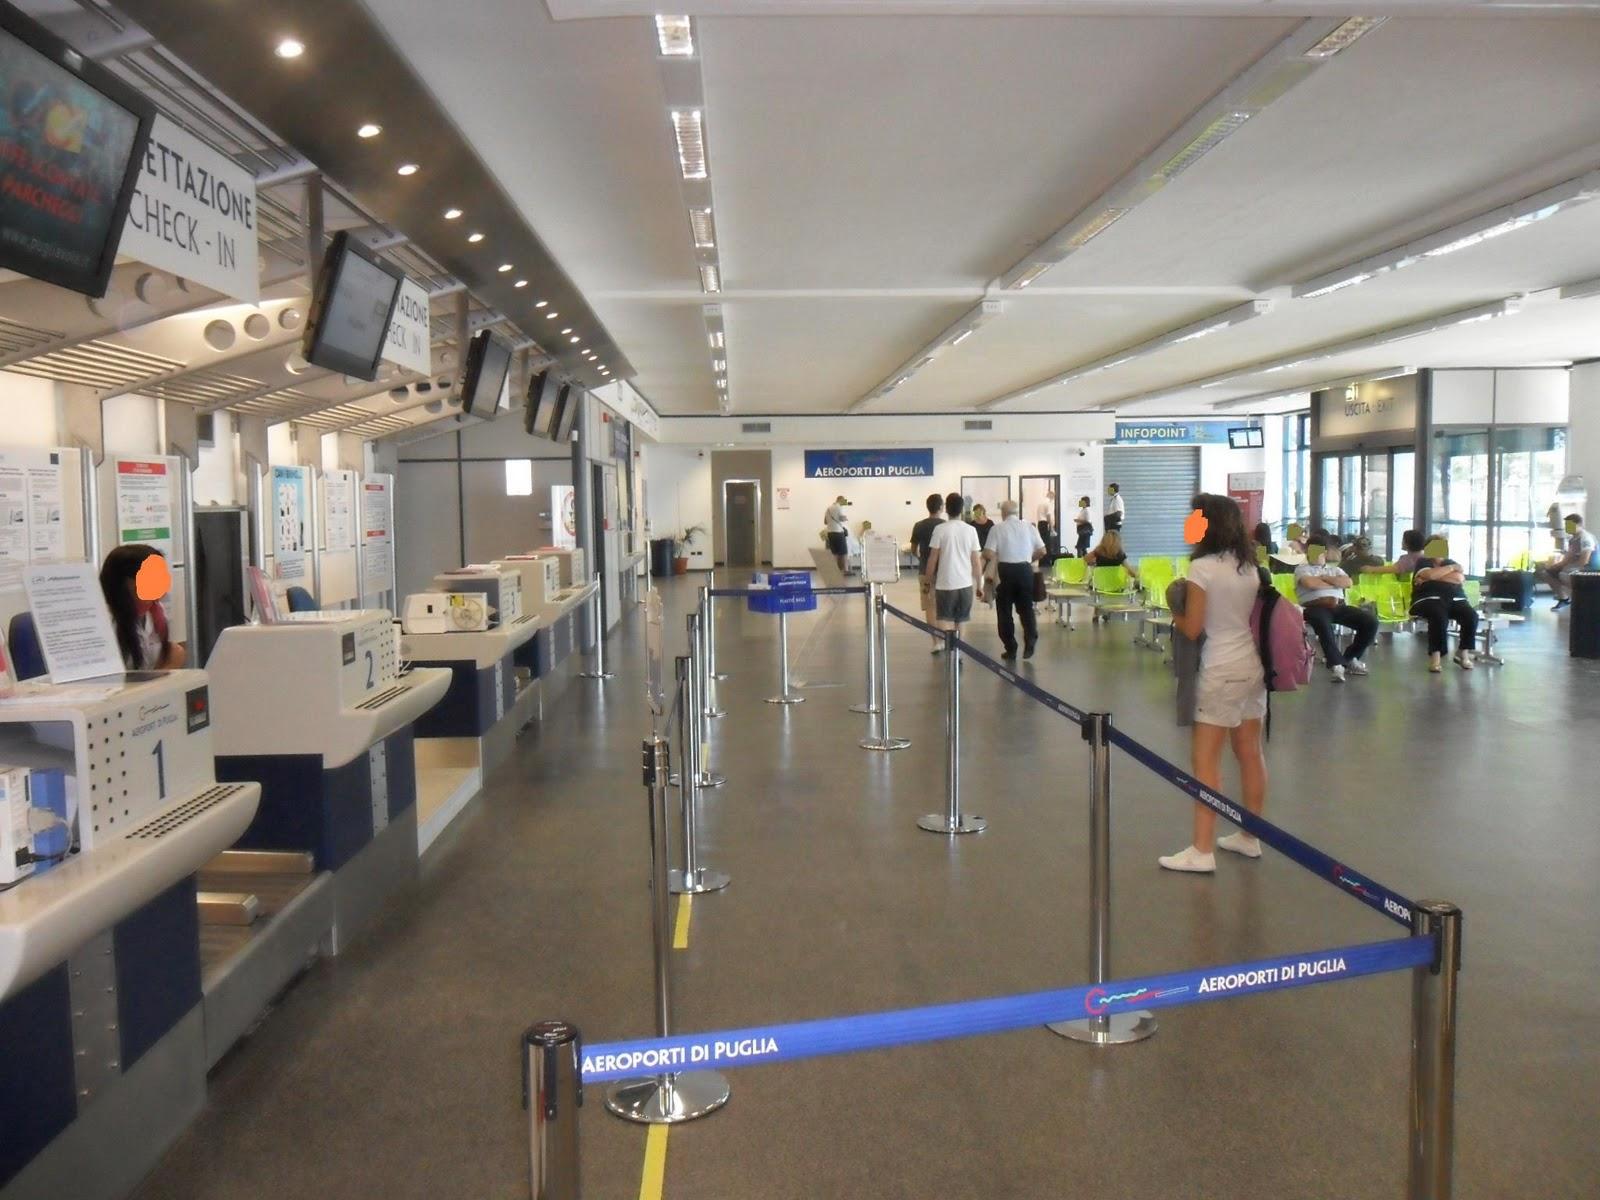 Aeroporti di puglia ryanair voli garantiti fino al 2019 for Interno delle piantagioni del sud